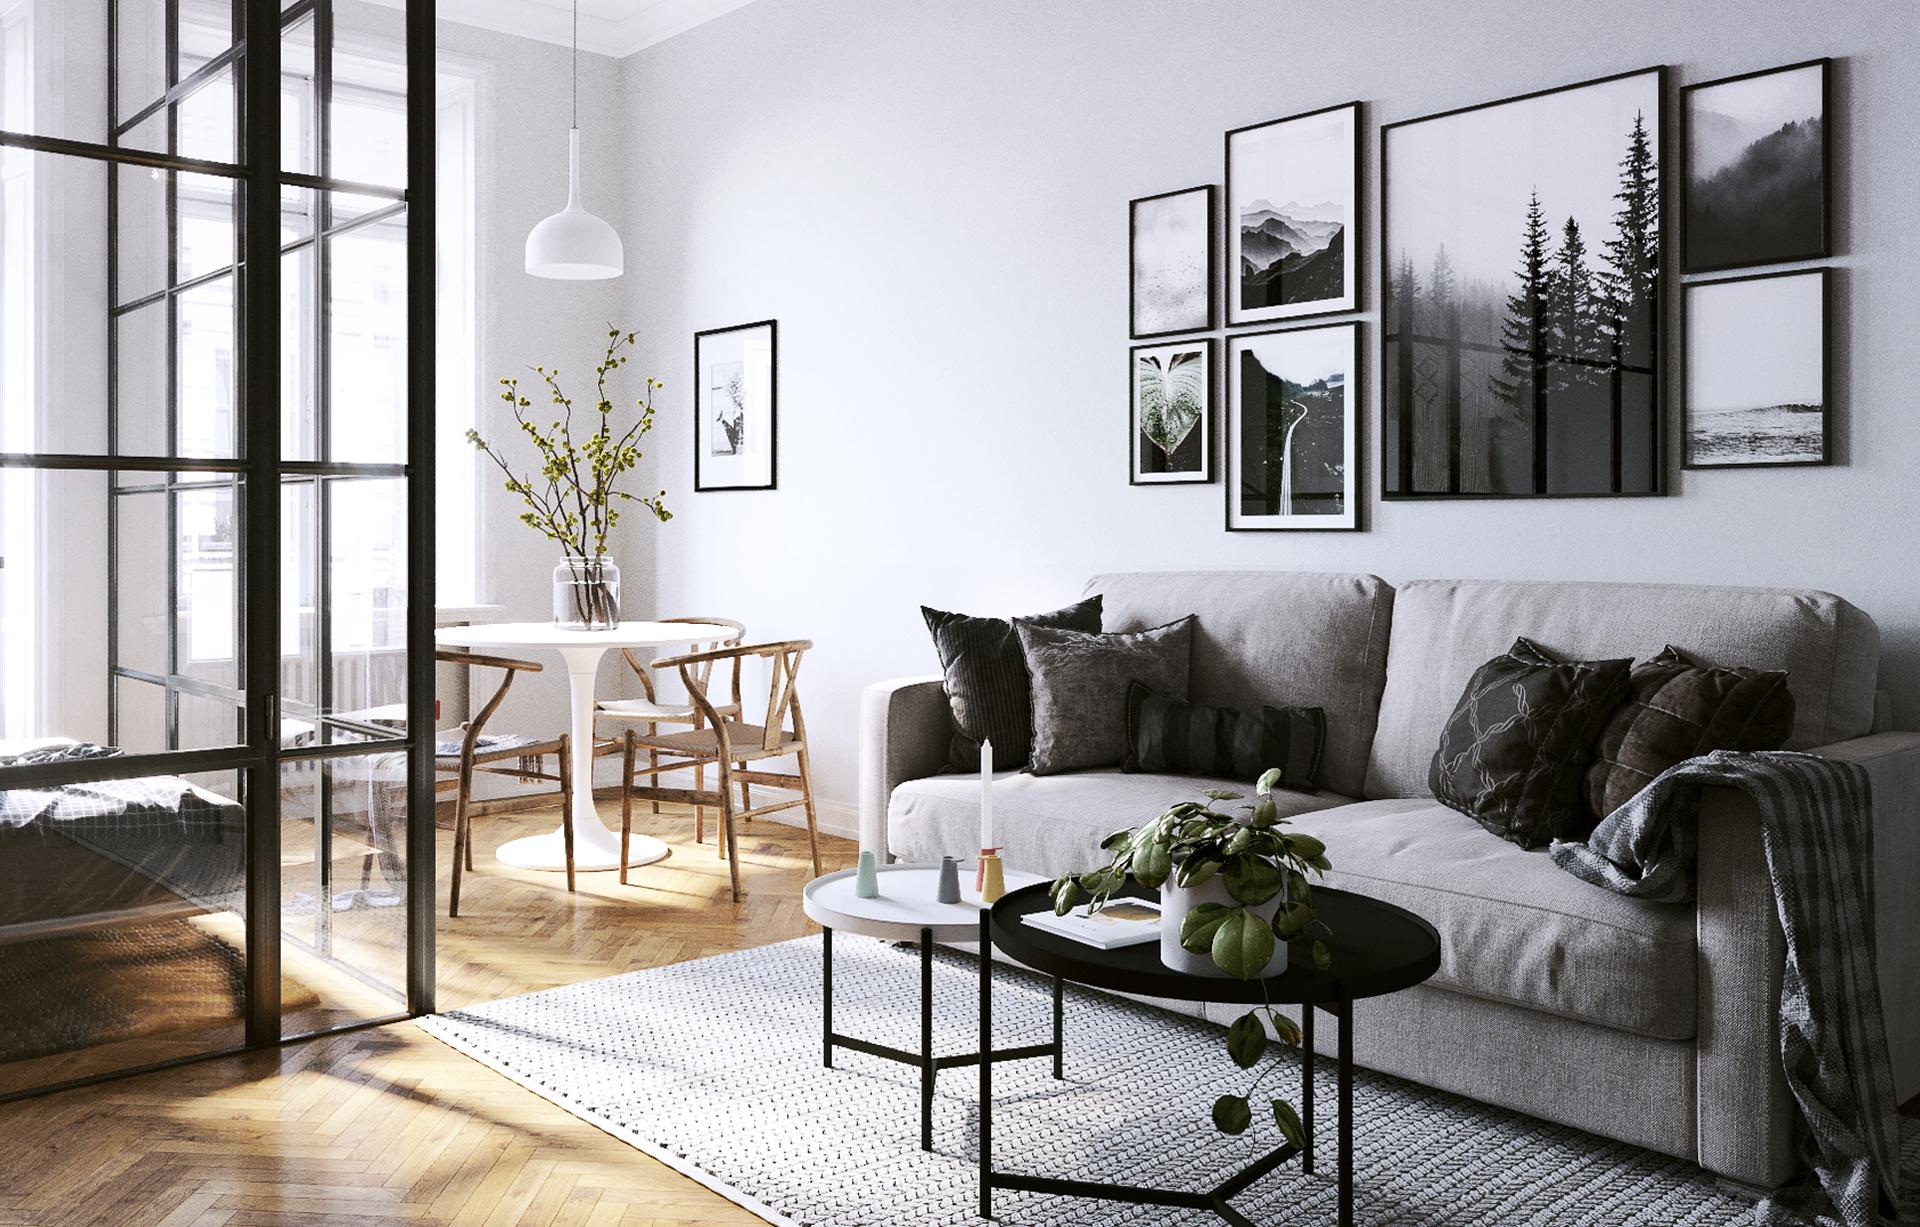 architekturvisualisierung interior